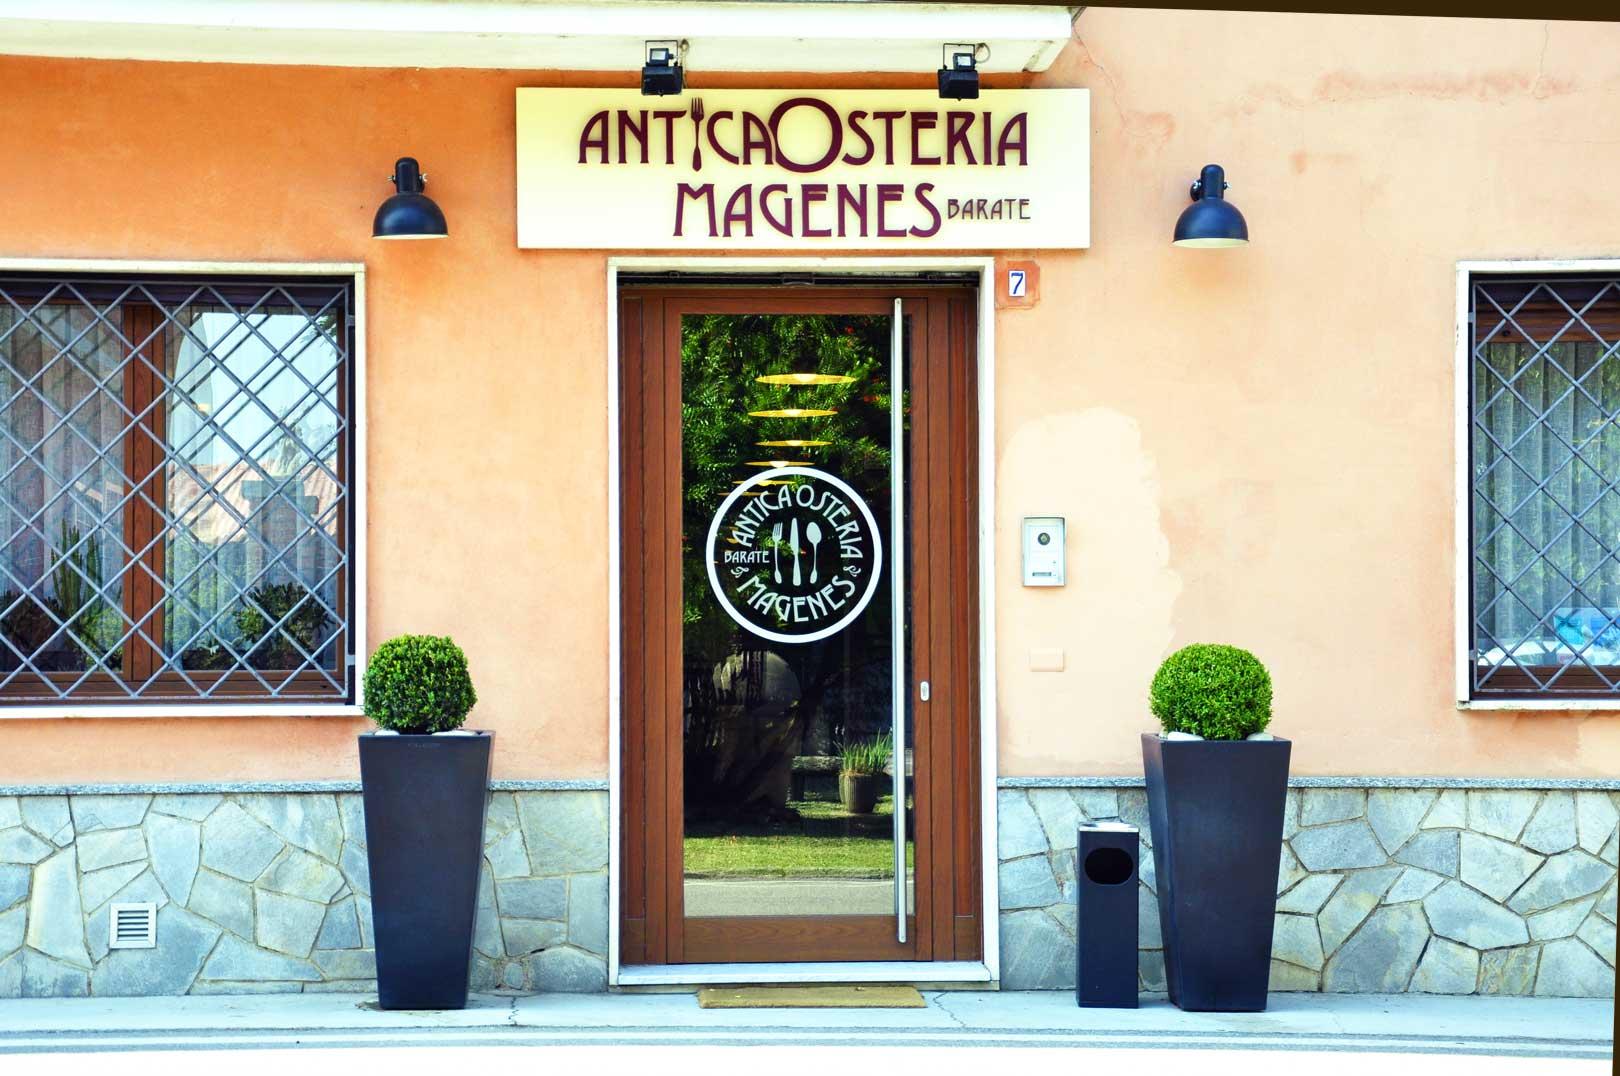 Antica Osteria Magenes